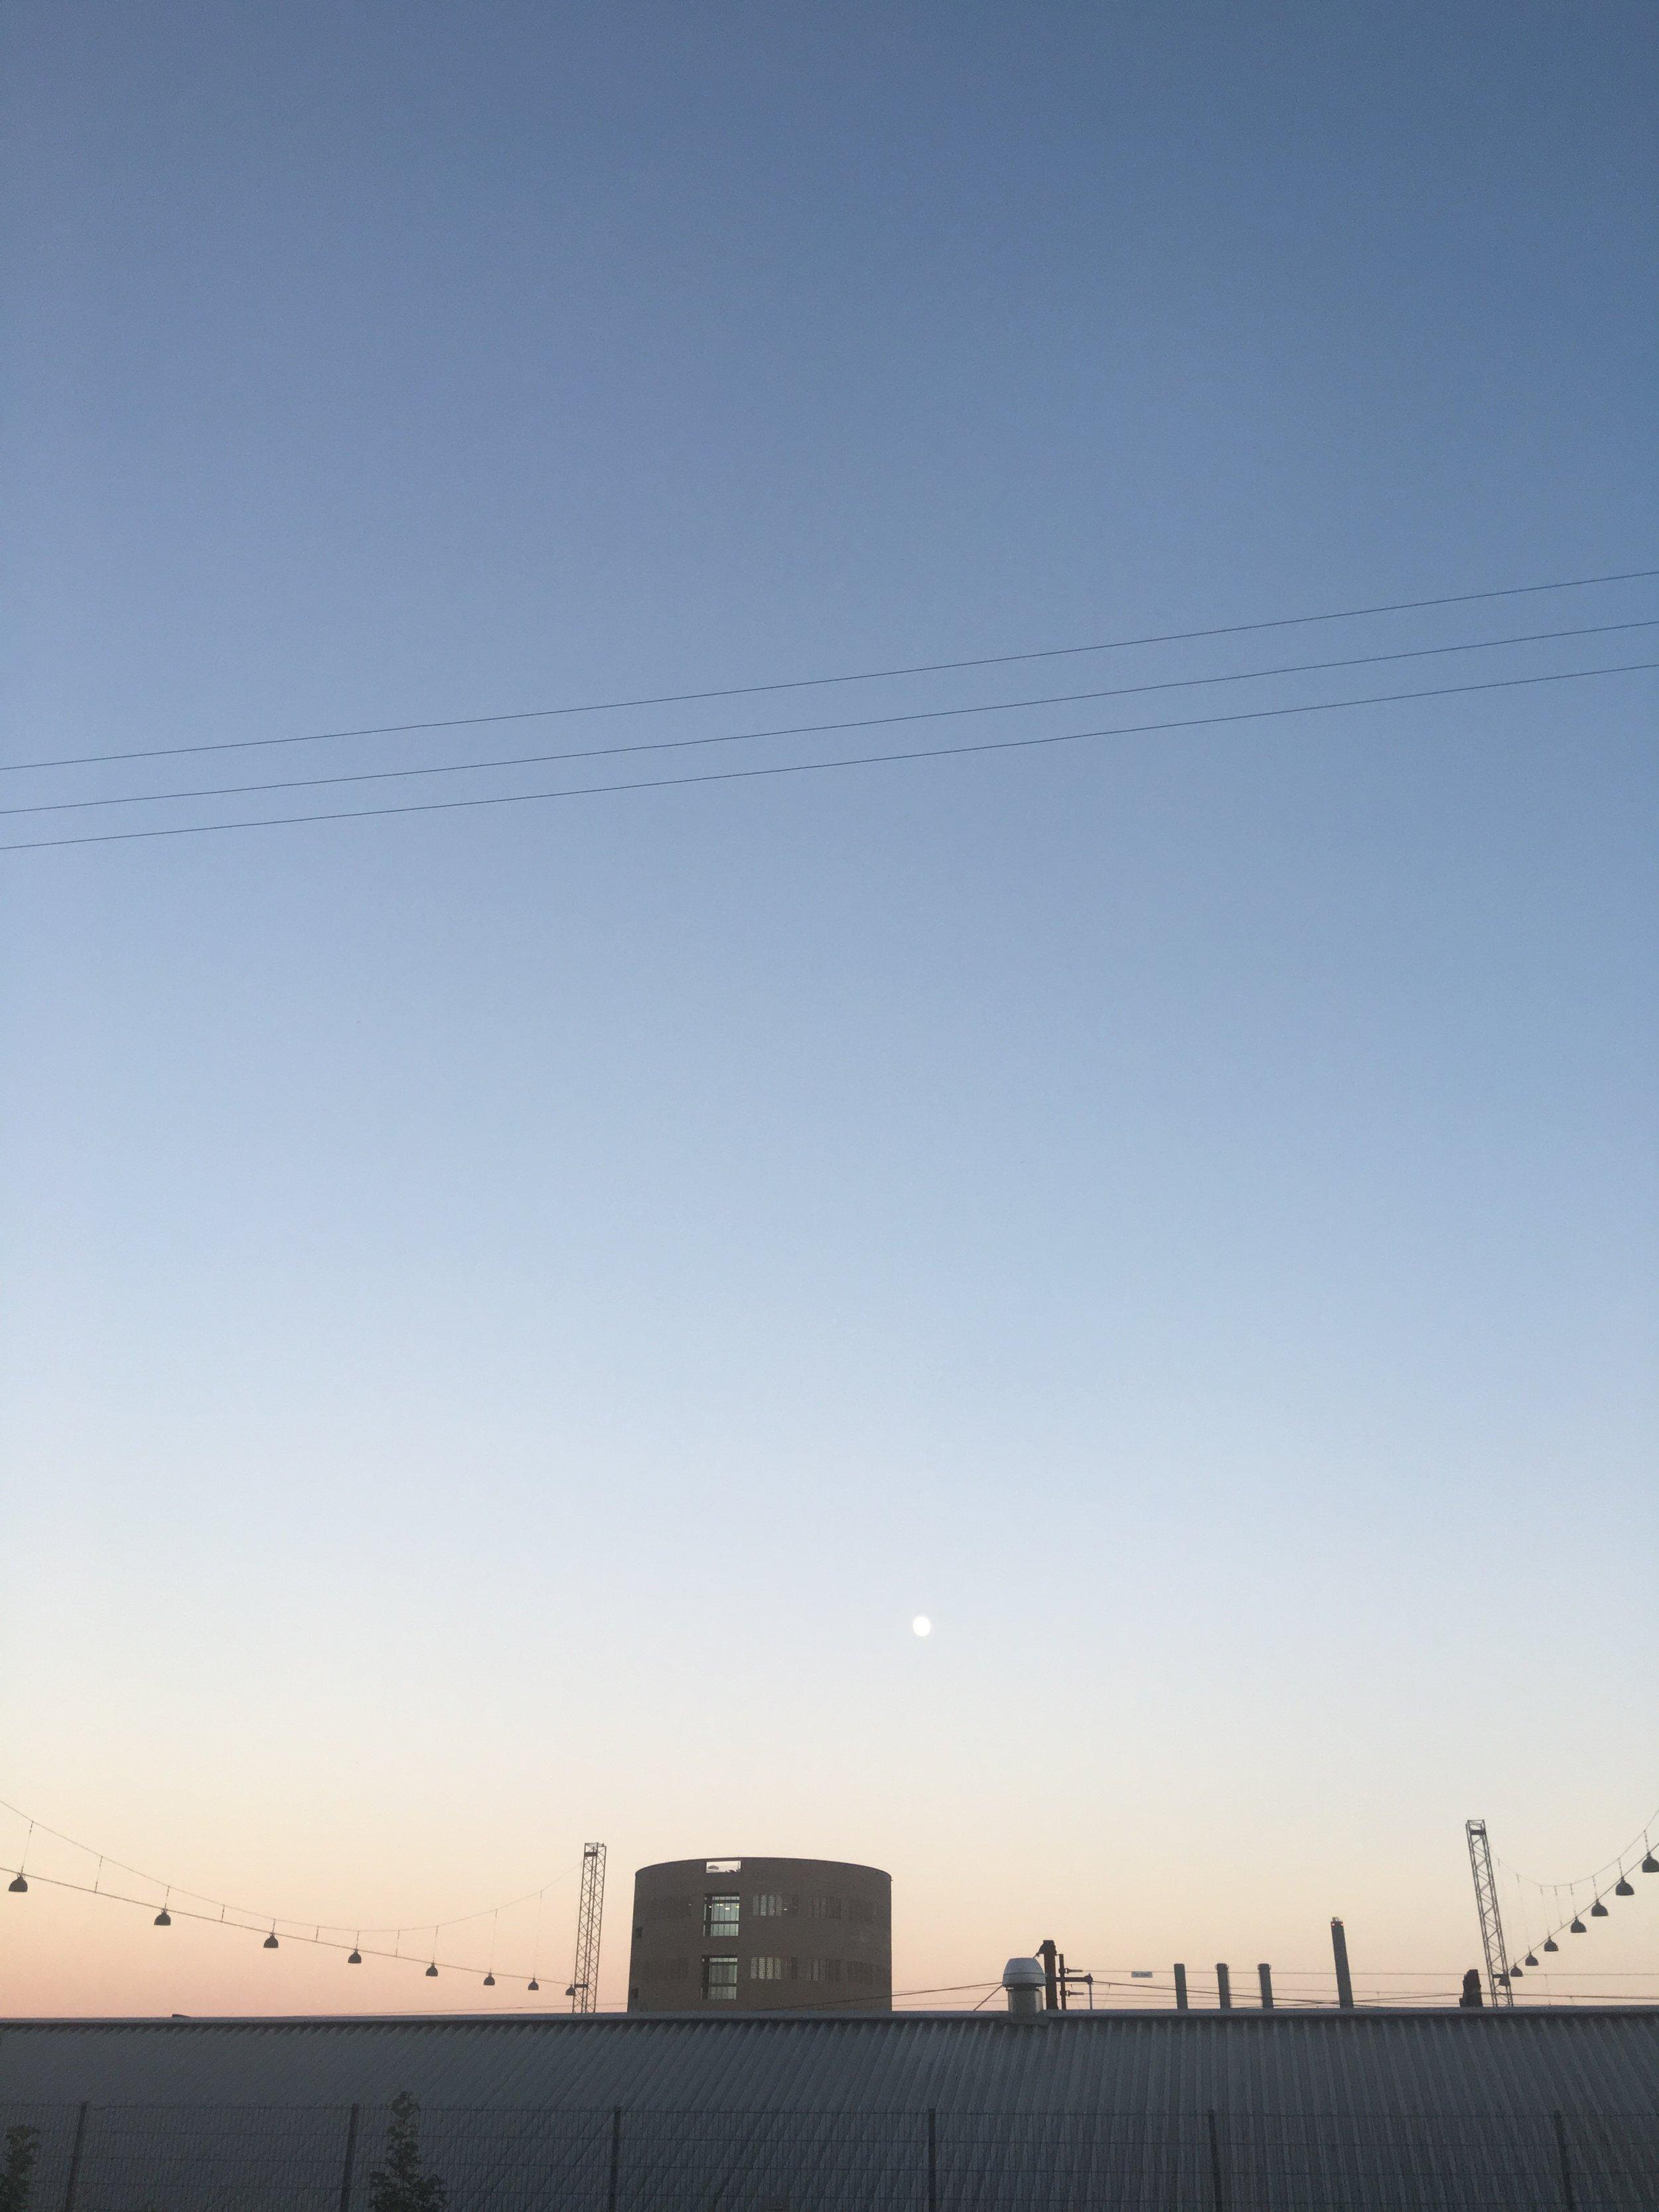 Godnat lille måne. Du minder mig lige nu om en smuk fodbold.